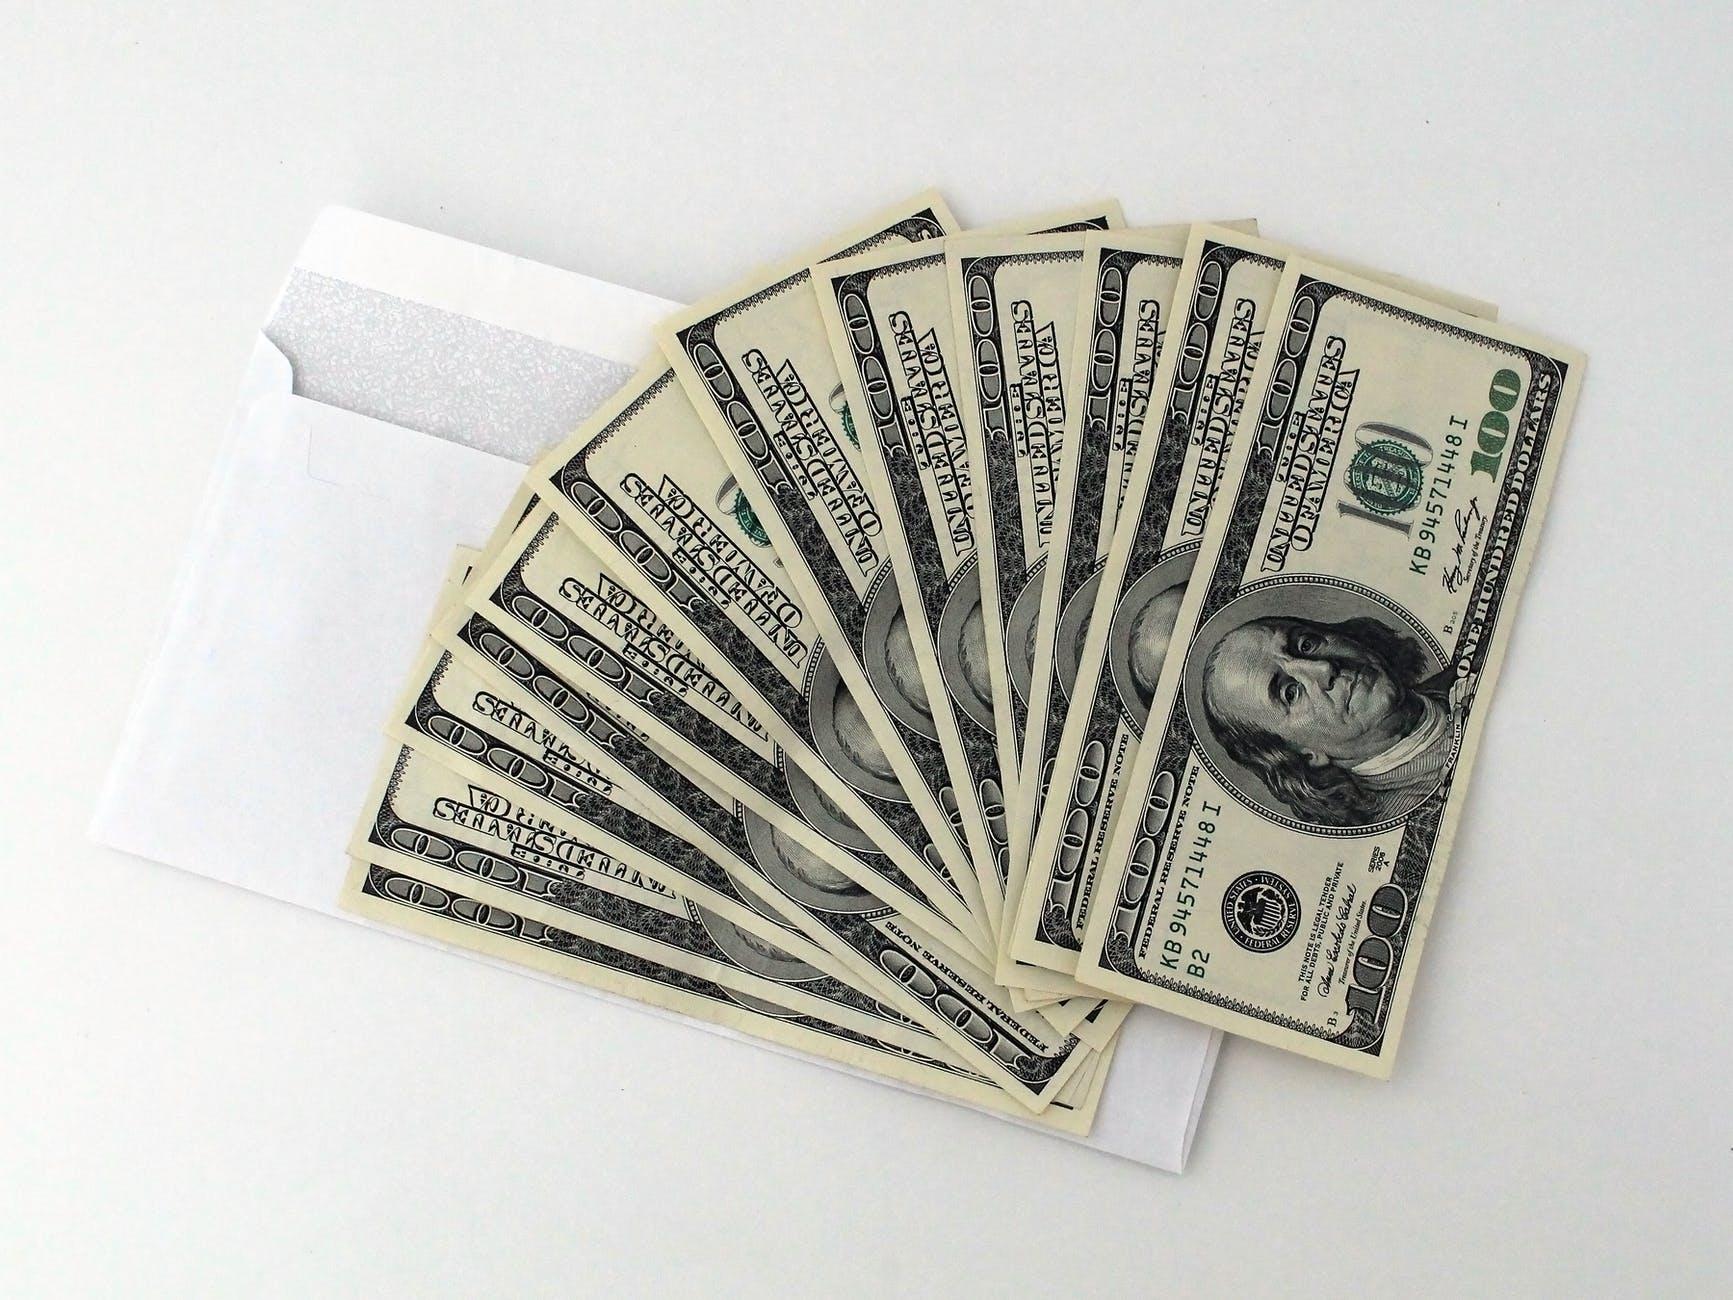 Tỷ giá USD hôm nay 17/6: USD đi lên trước thông tin mới từ FED - 1